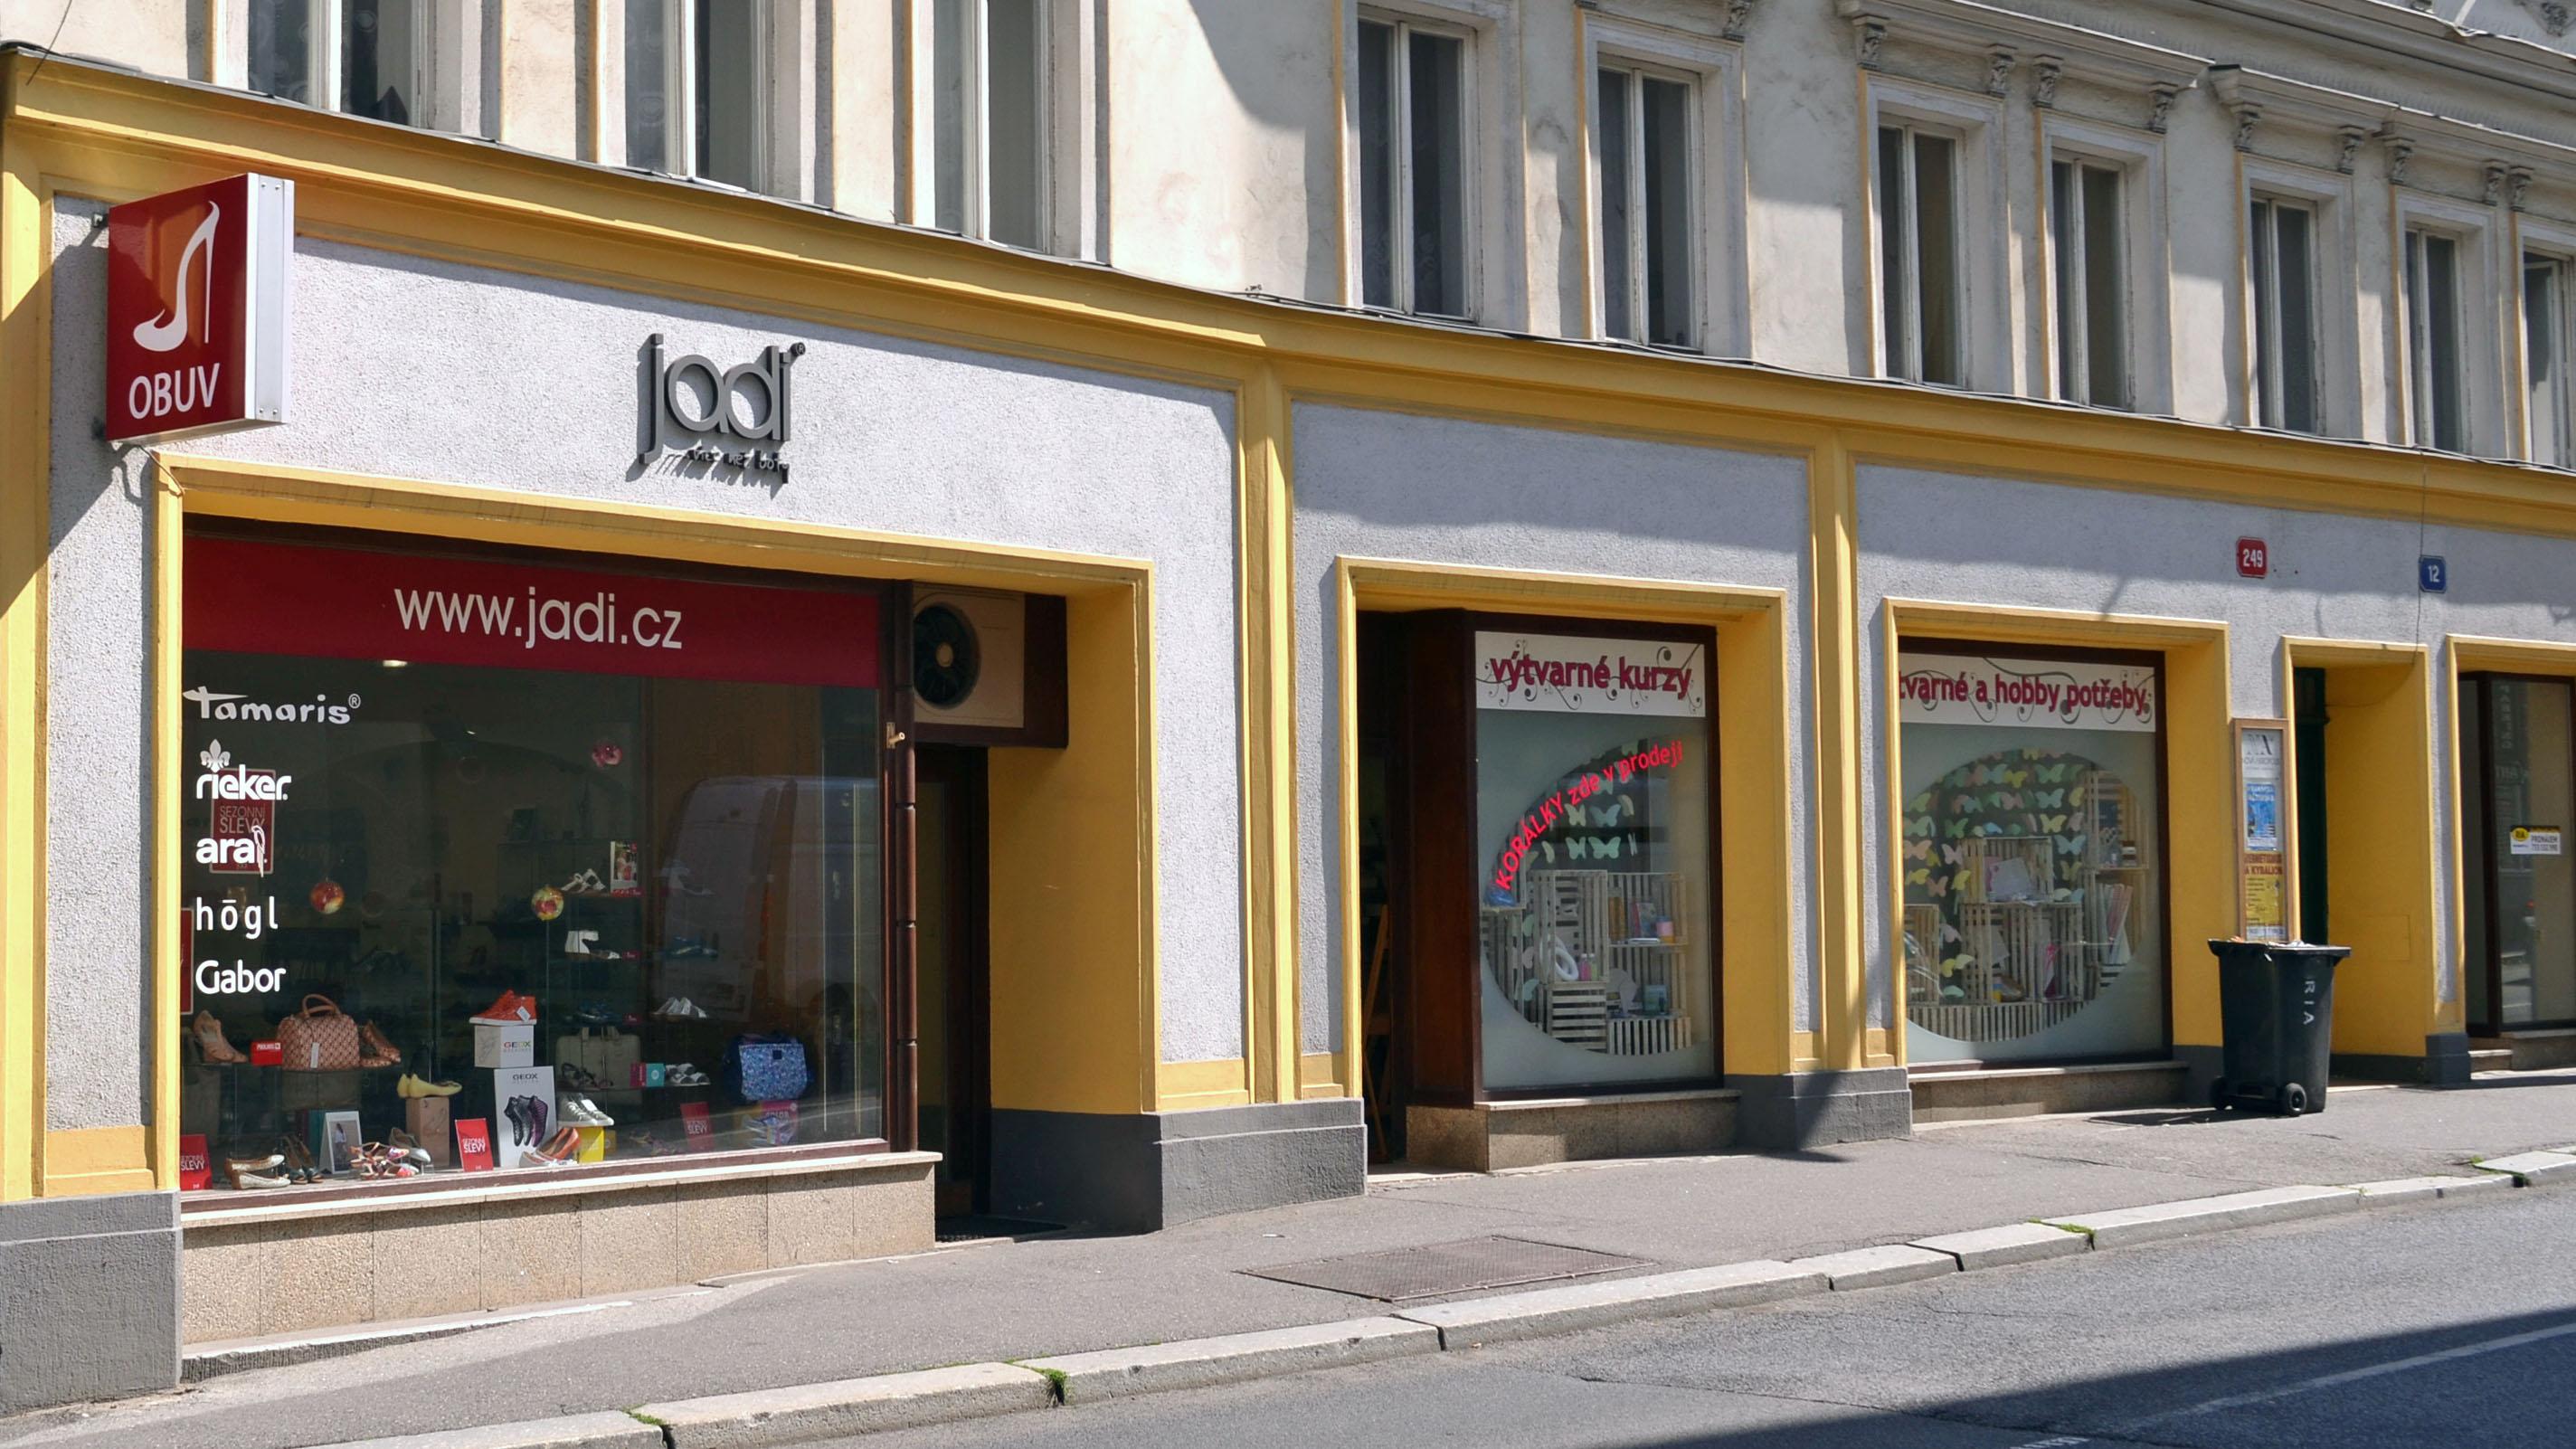 ... přibližně 100m od liberecké radnice mezi náměstím Dr. Beneše a  Sokolovským náměstím. Zaparkovat můžete 20m od obchodu na veřejném  parkovišti. 8f36833ec4